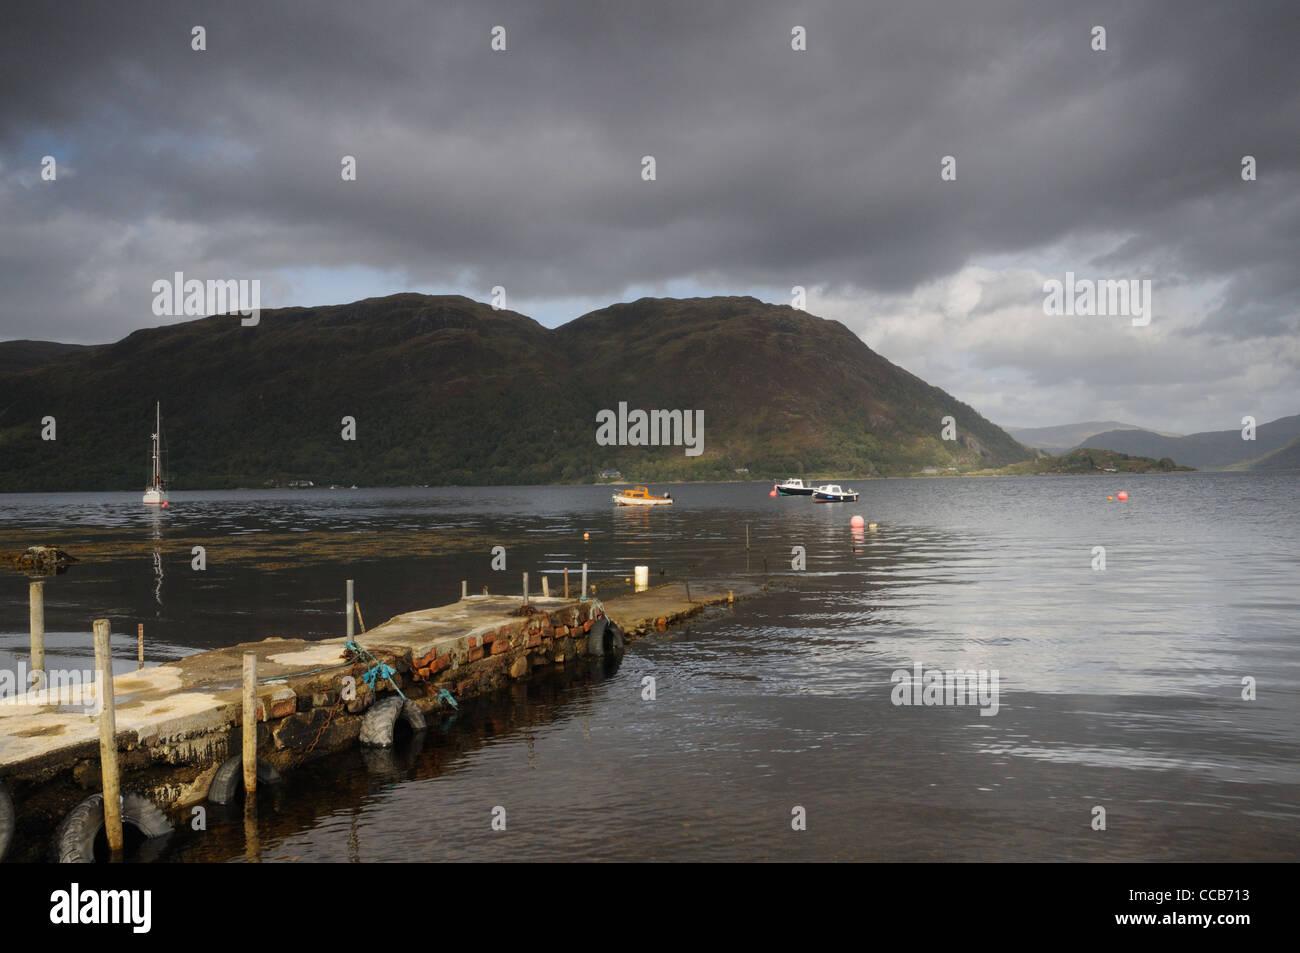 En vista de la Bahía de Airds Loch Etive mirando a través de la montaña Na Maoilean, Argyll and Bute, Escocia Foto de stock